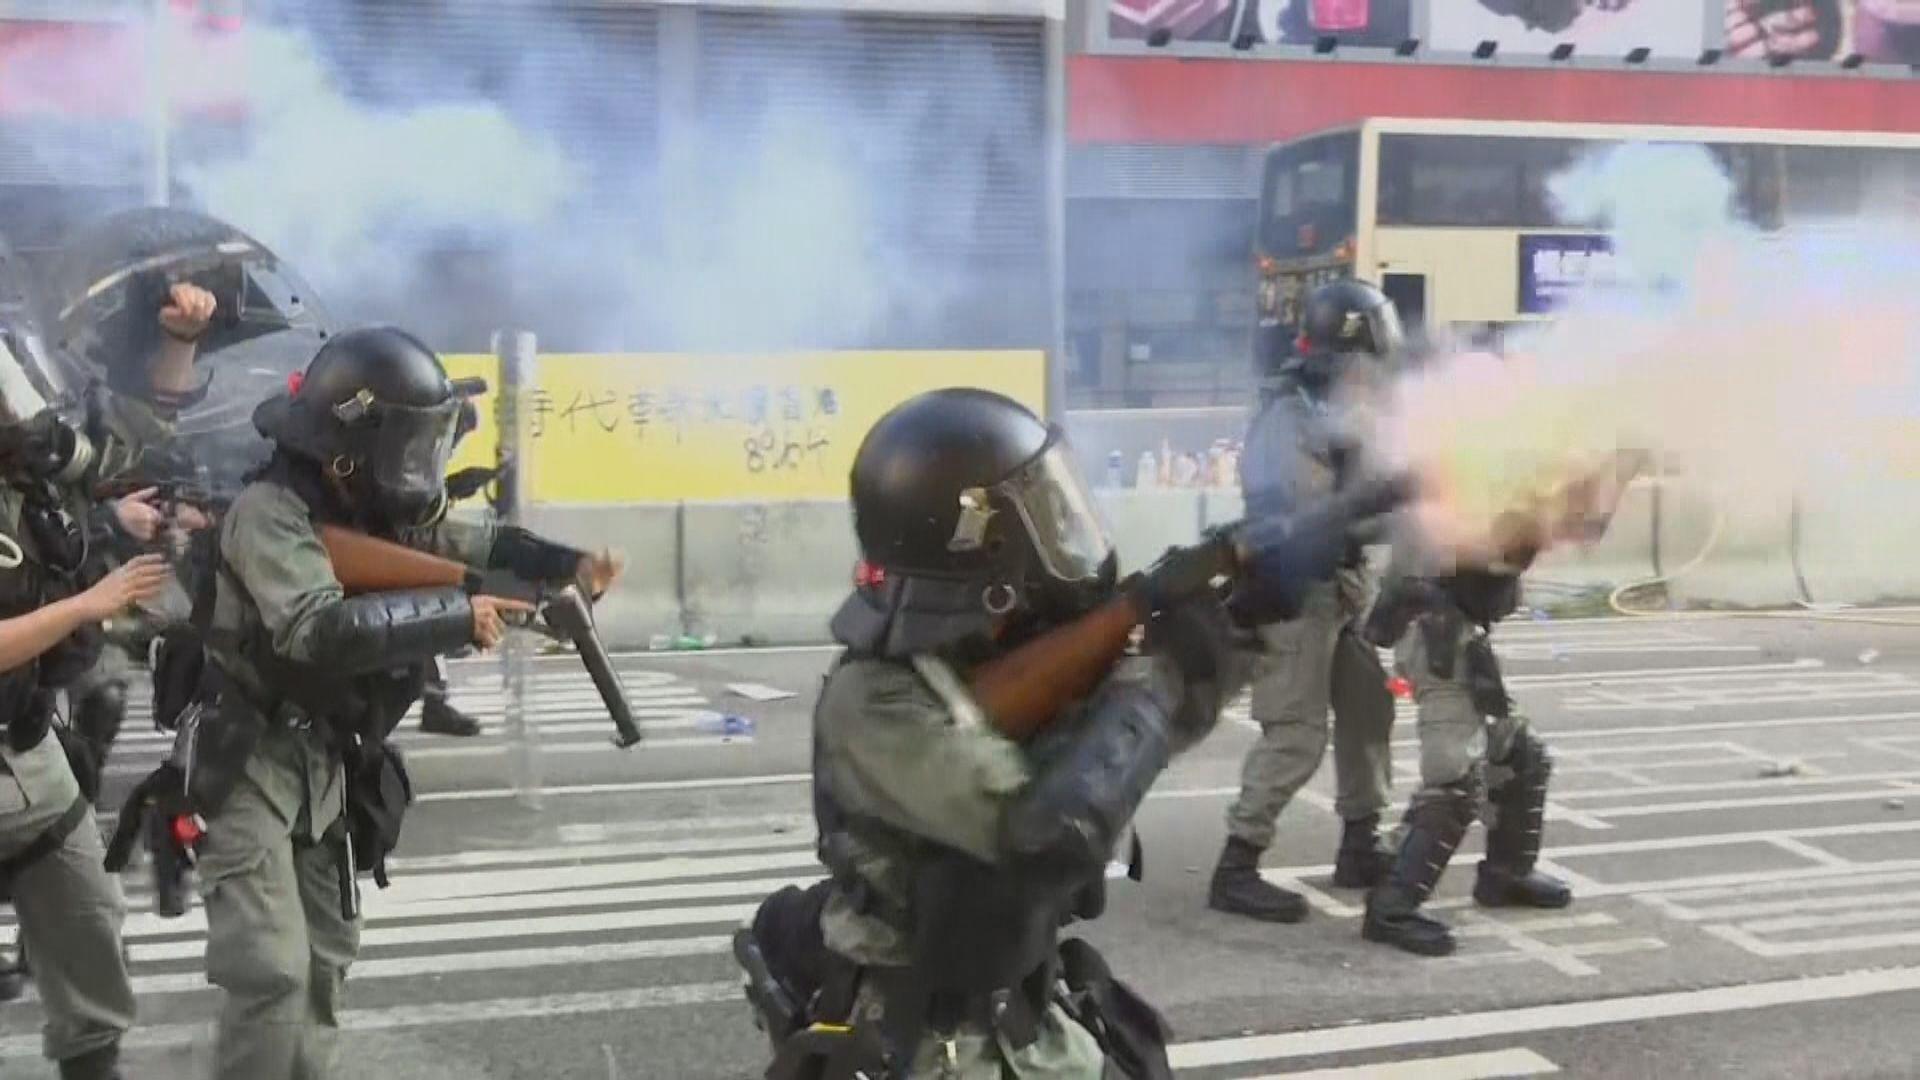 反修例示威 警發約一萬枚催淚彈